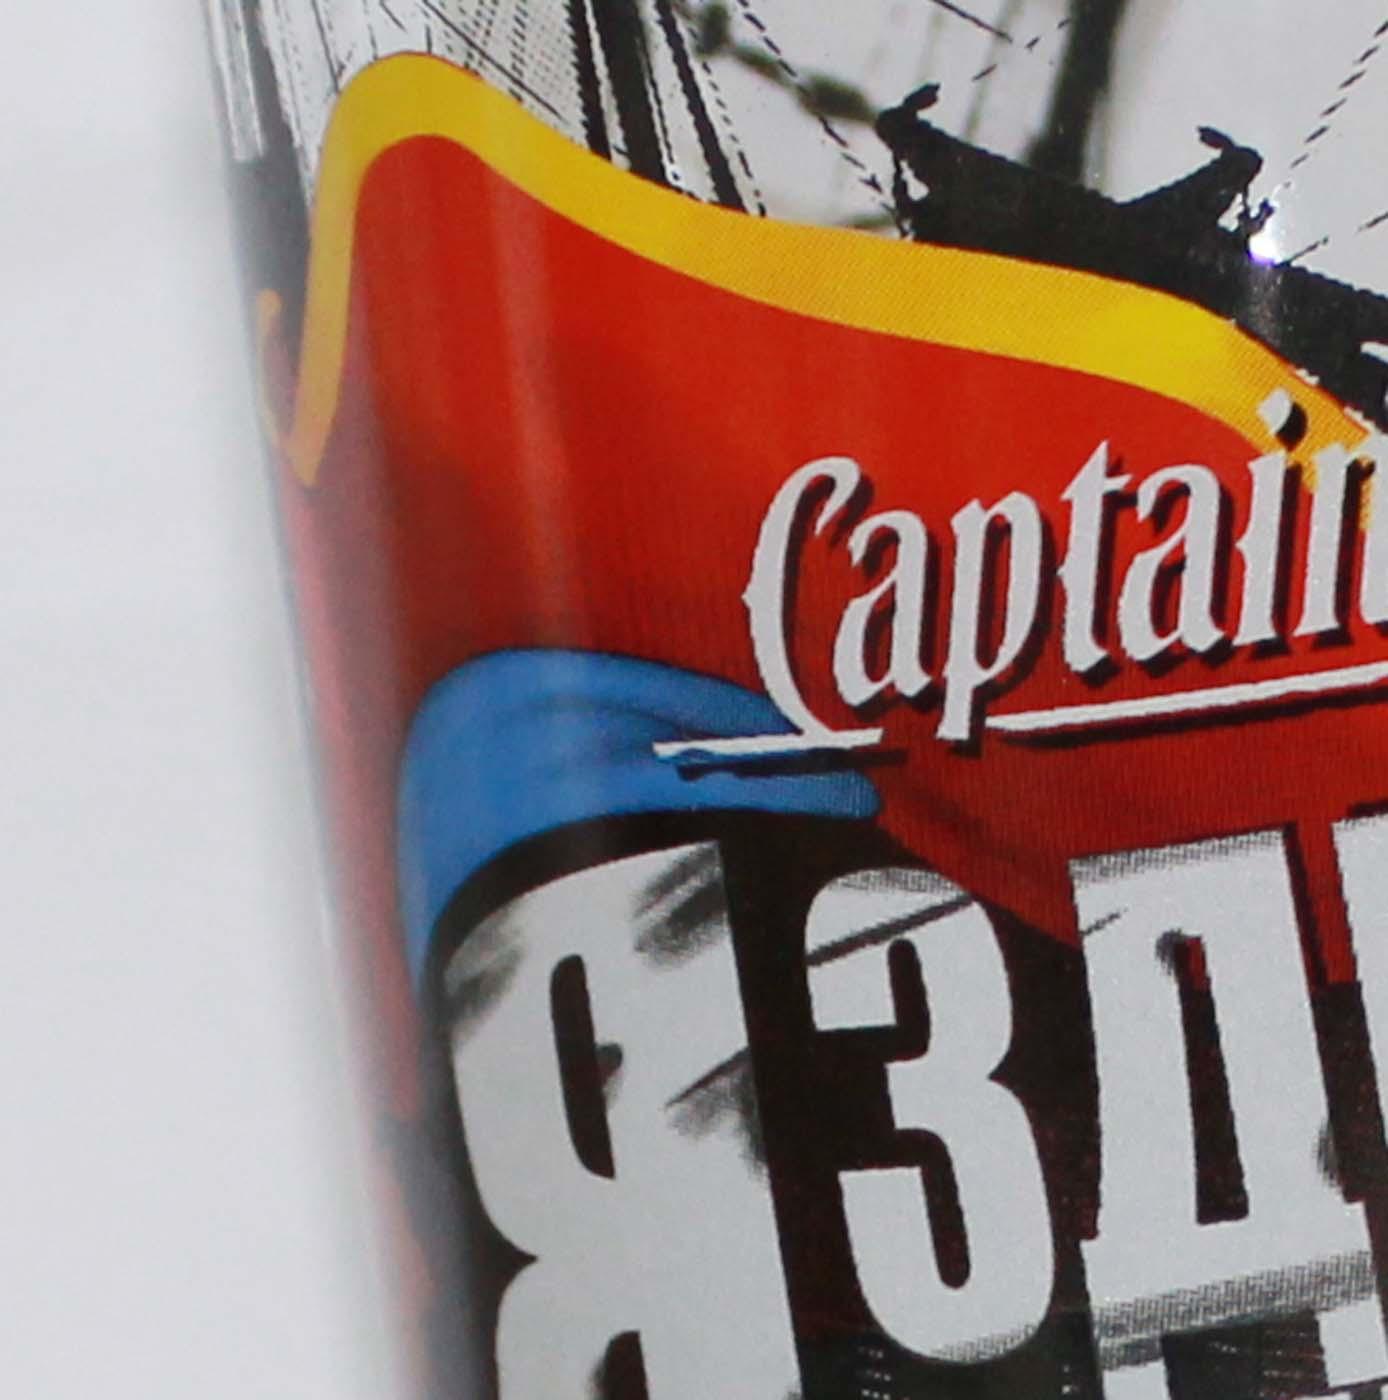 kapitan-2.jpg